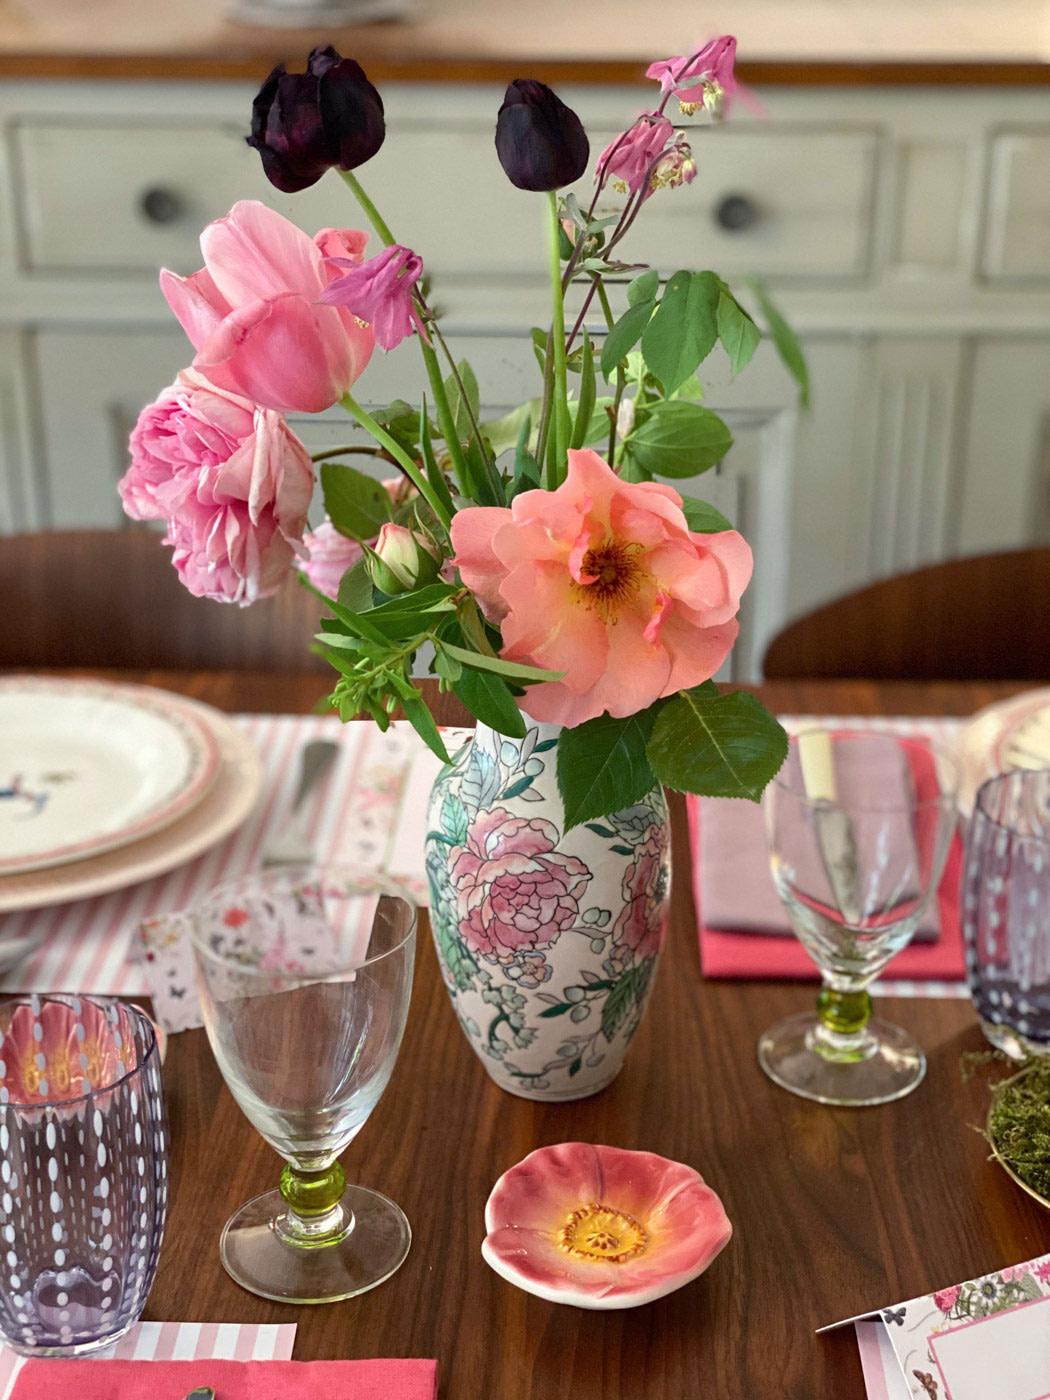 une-bonne-maison-french-lifestyle-blog-spring-tablescape-lockdown-paris-08